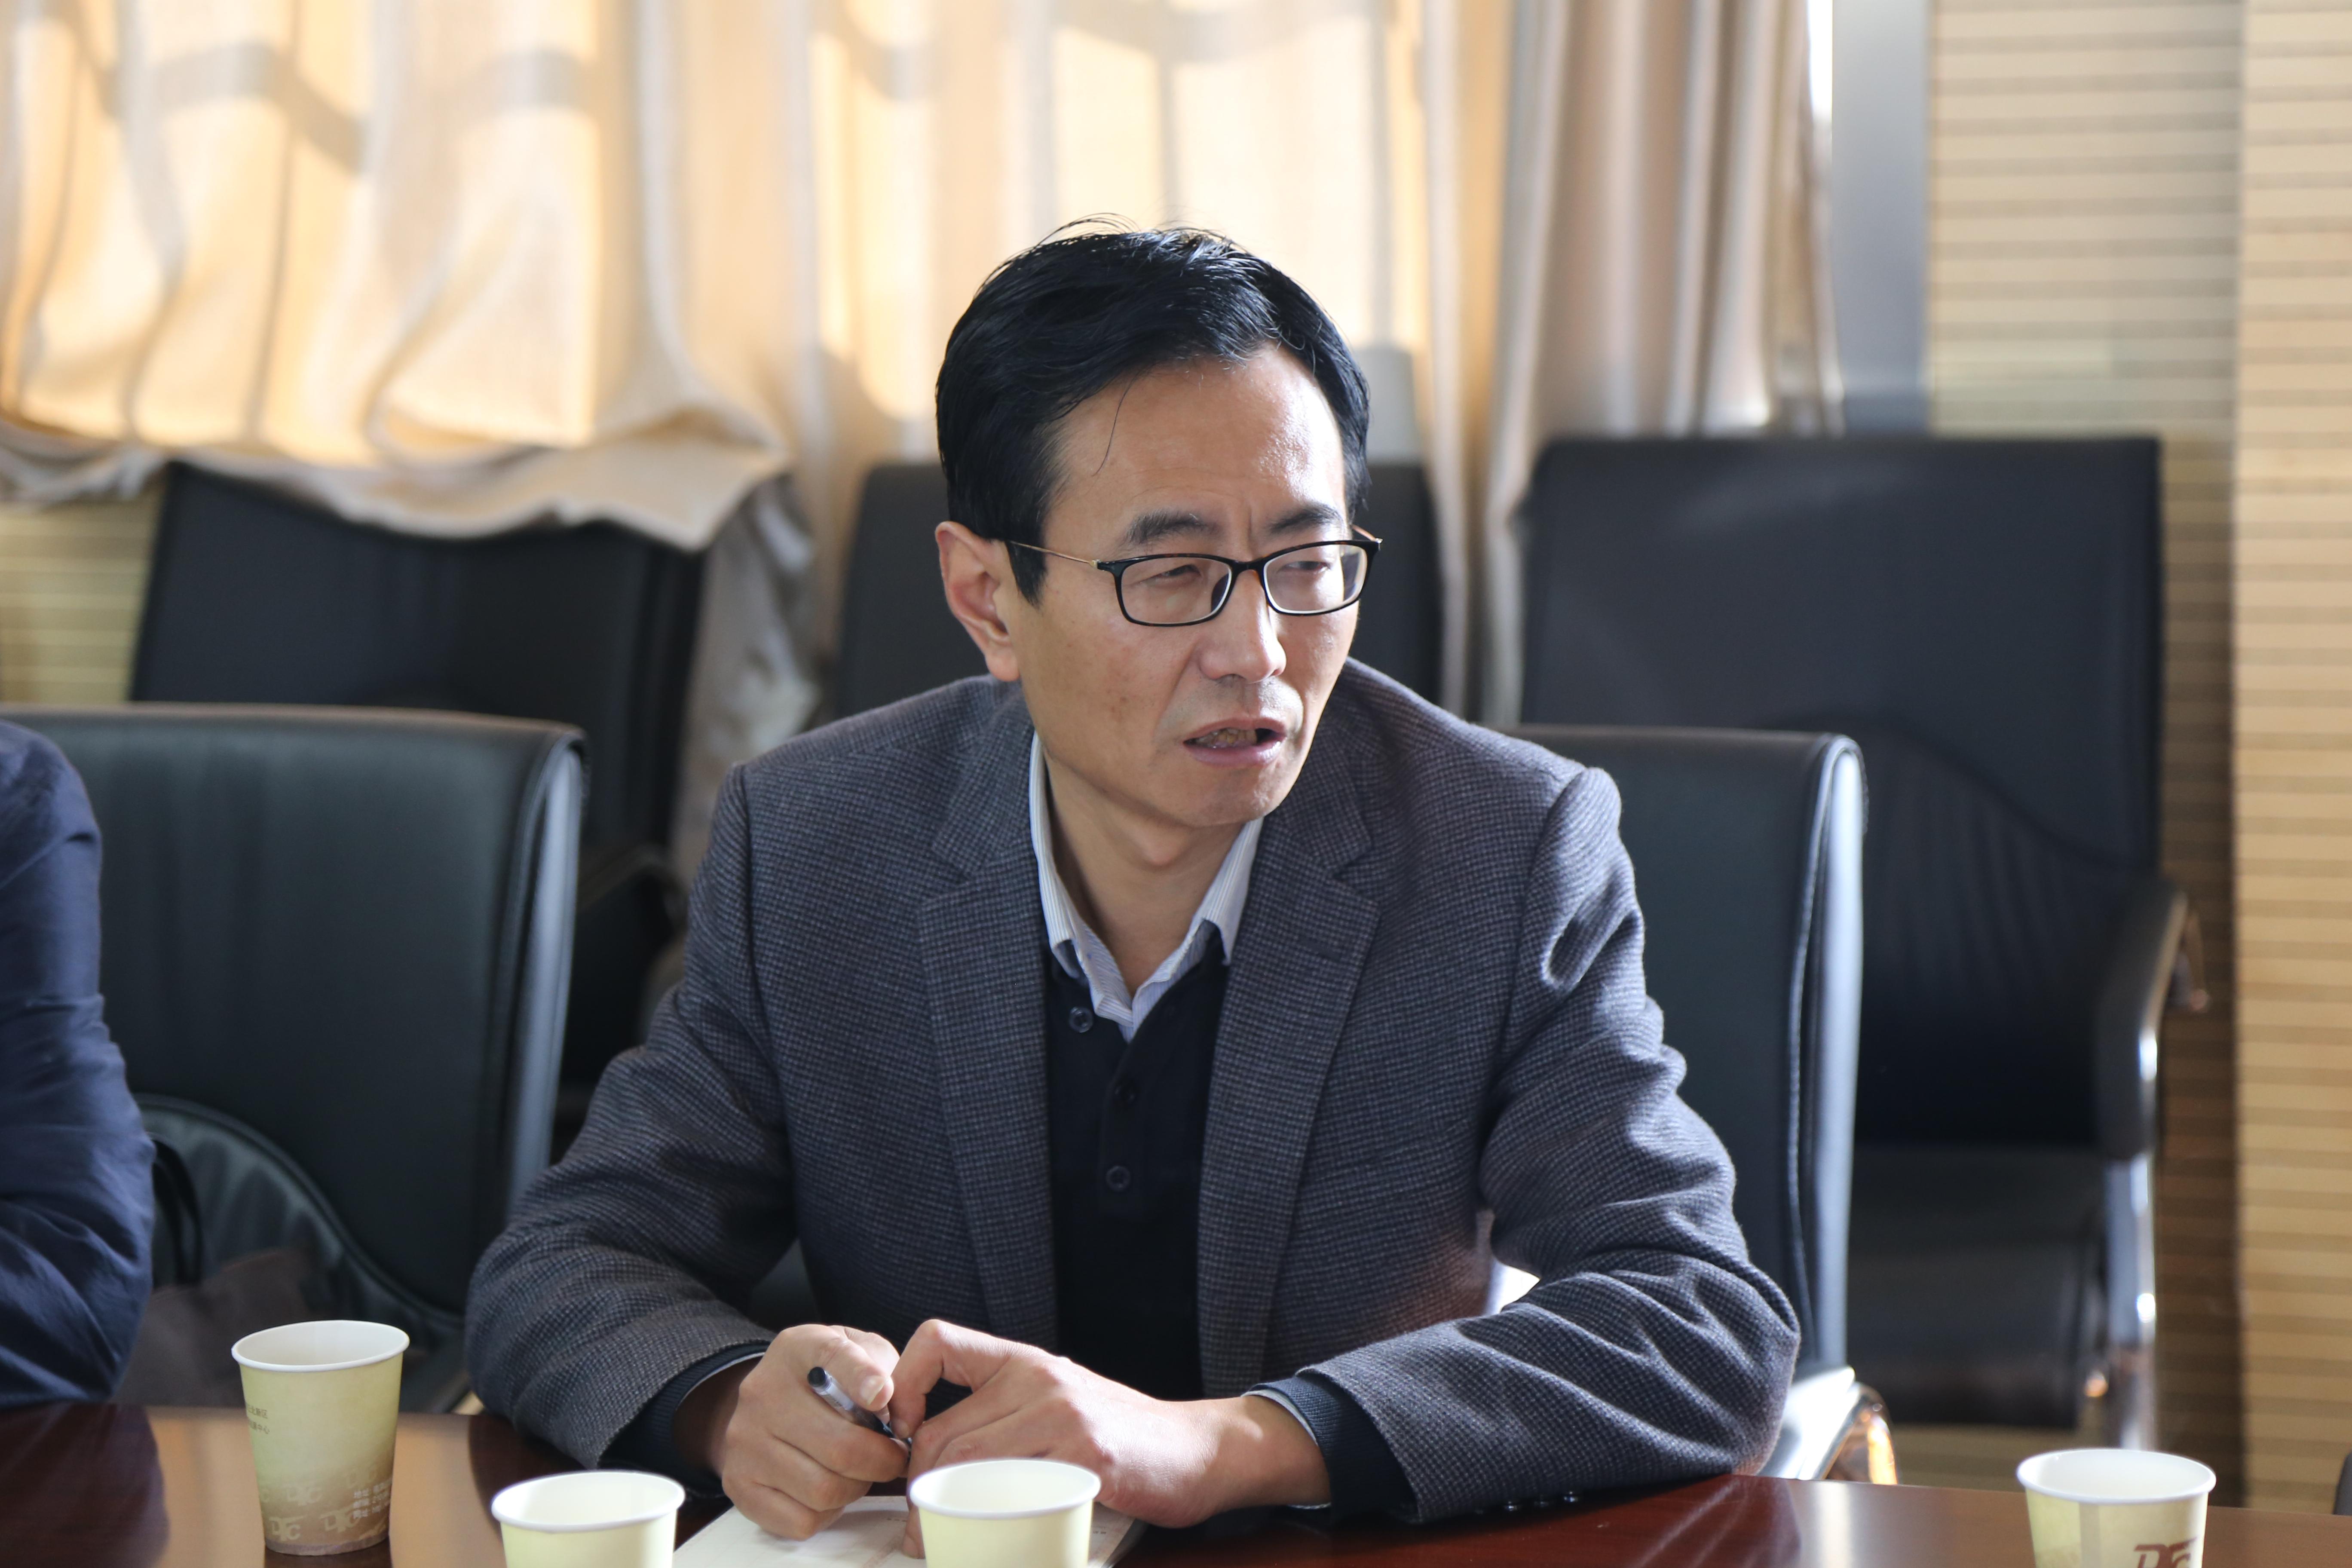 江北新区社会事业局副局长何俊.JPG